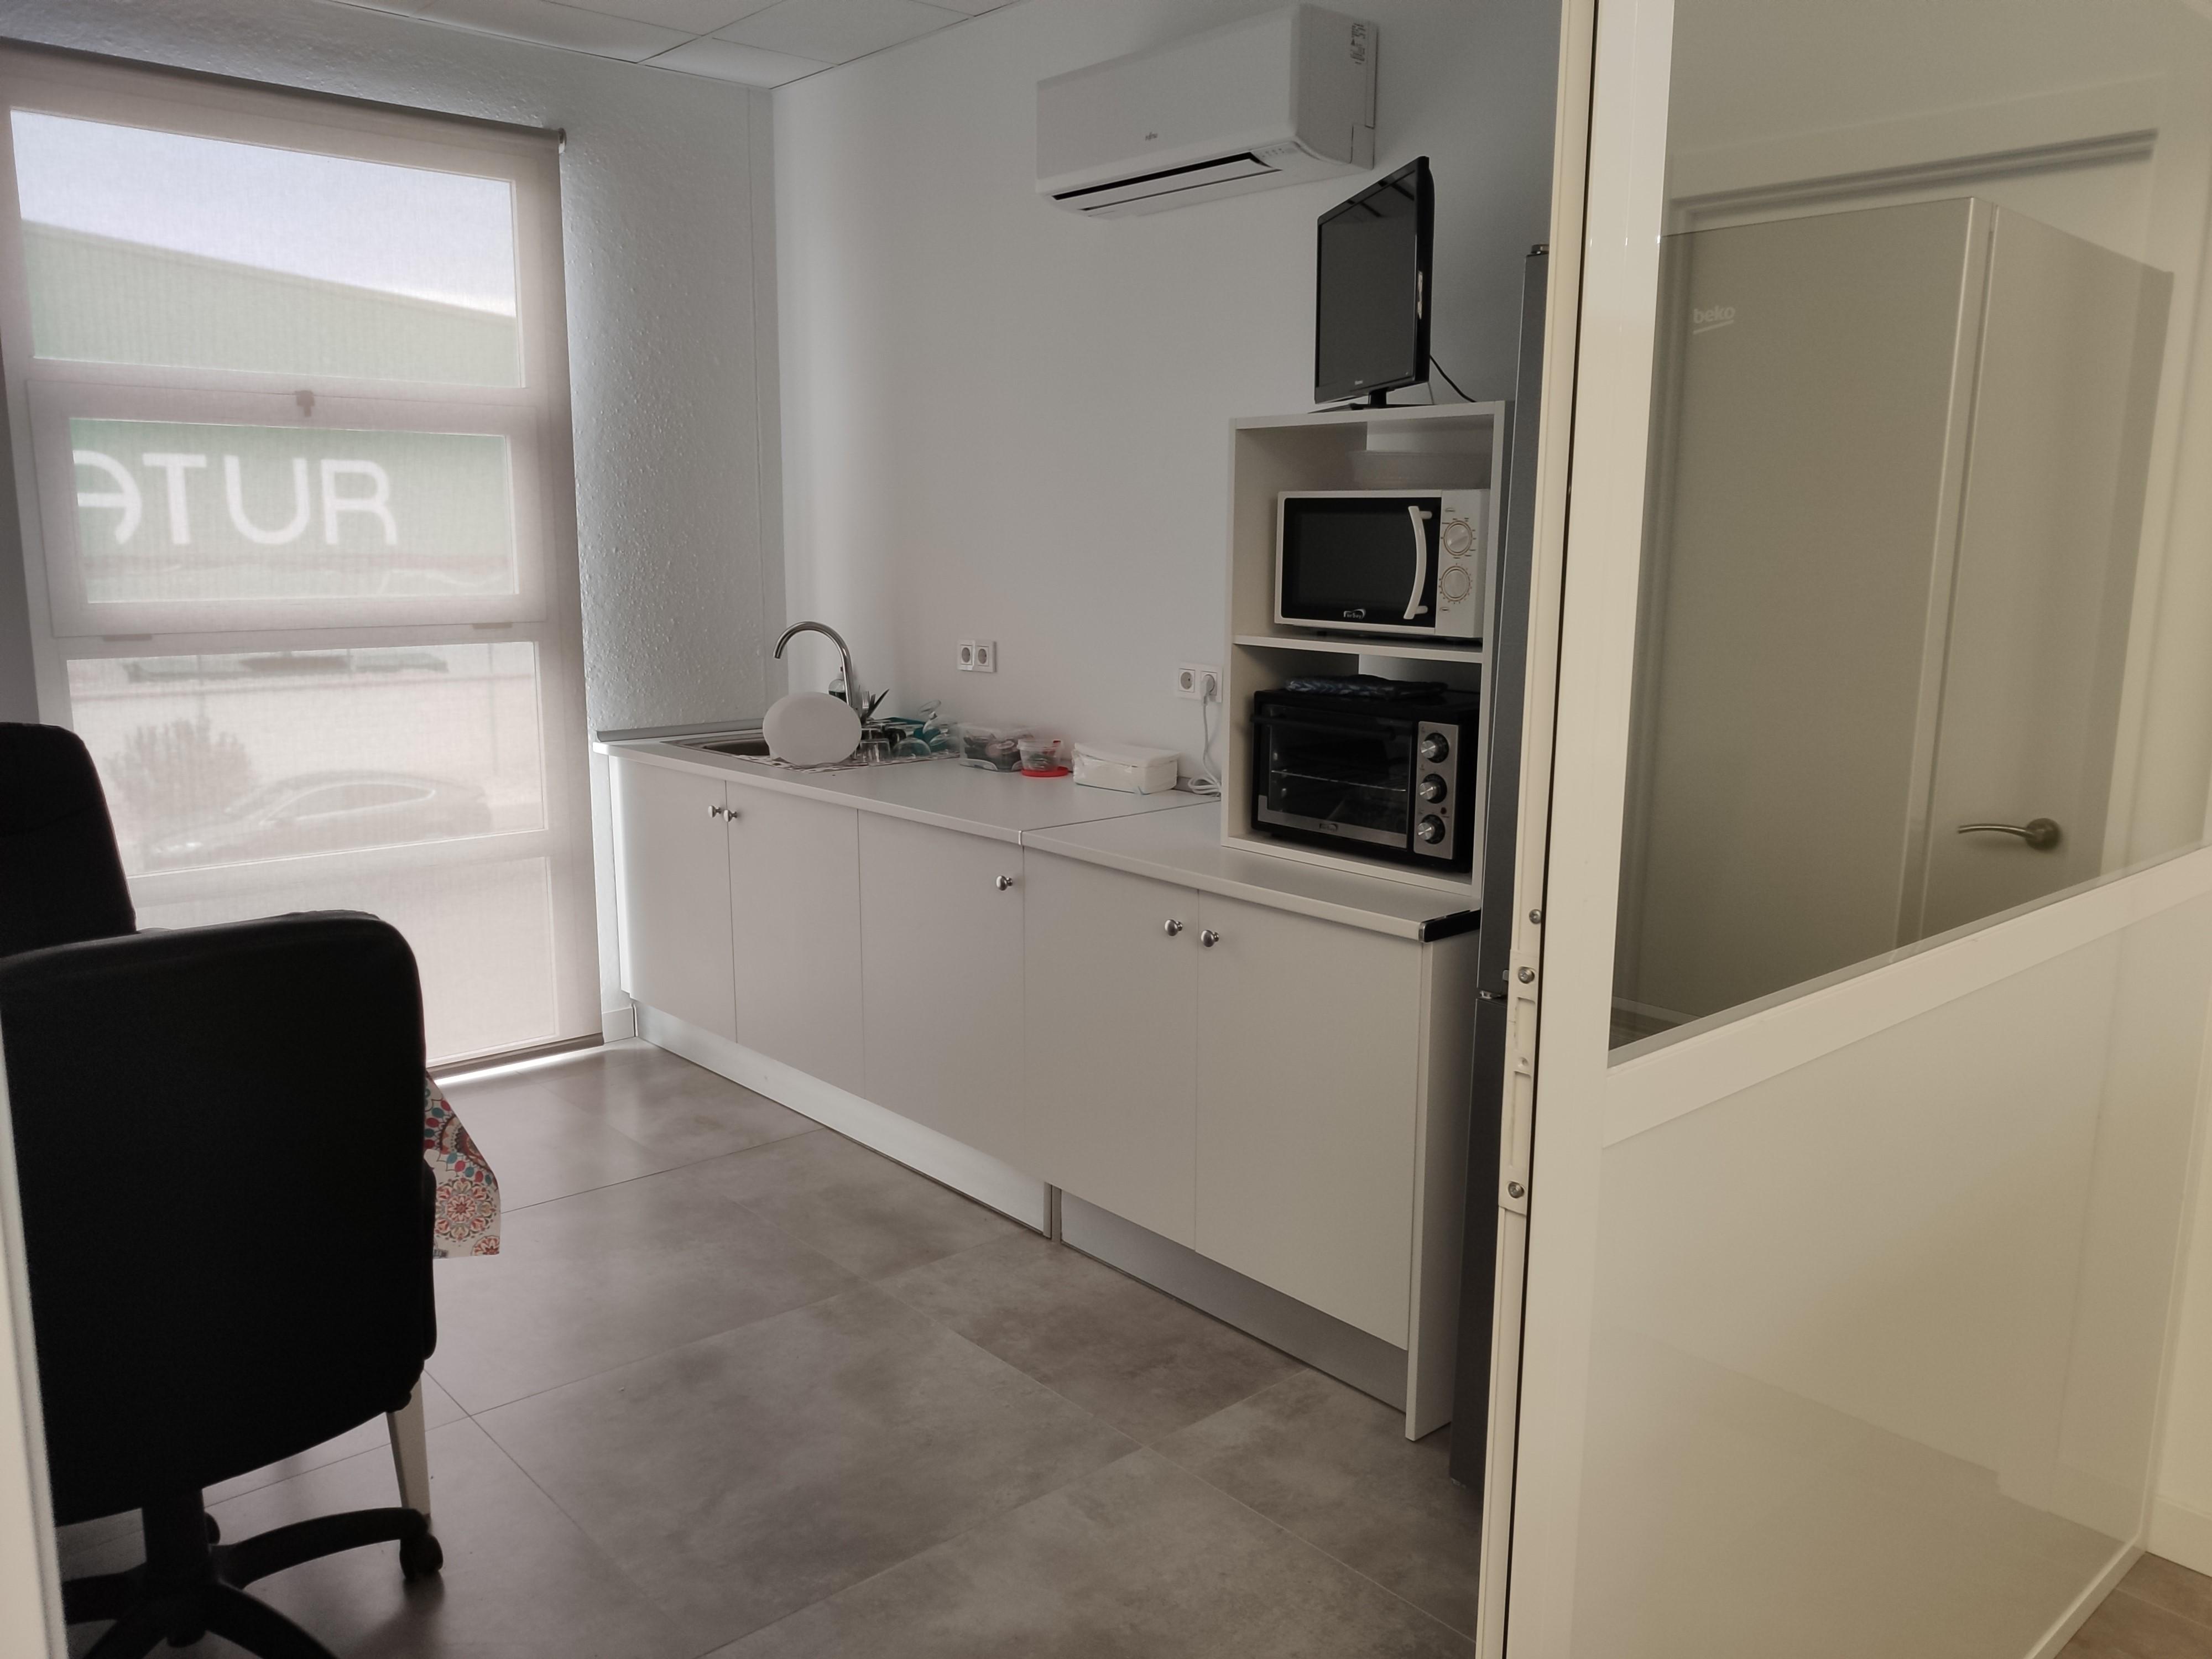 Fersay reforma sus instalaciones en Alicante